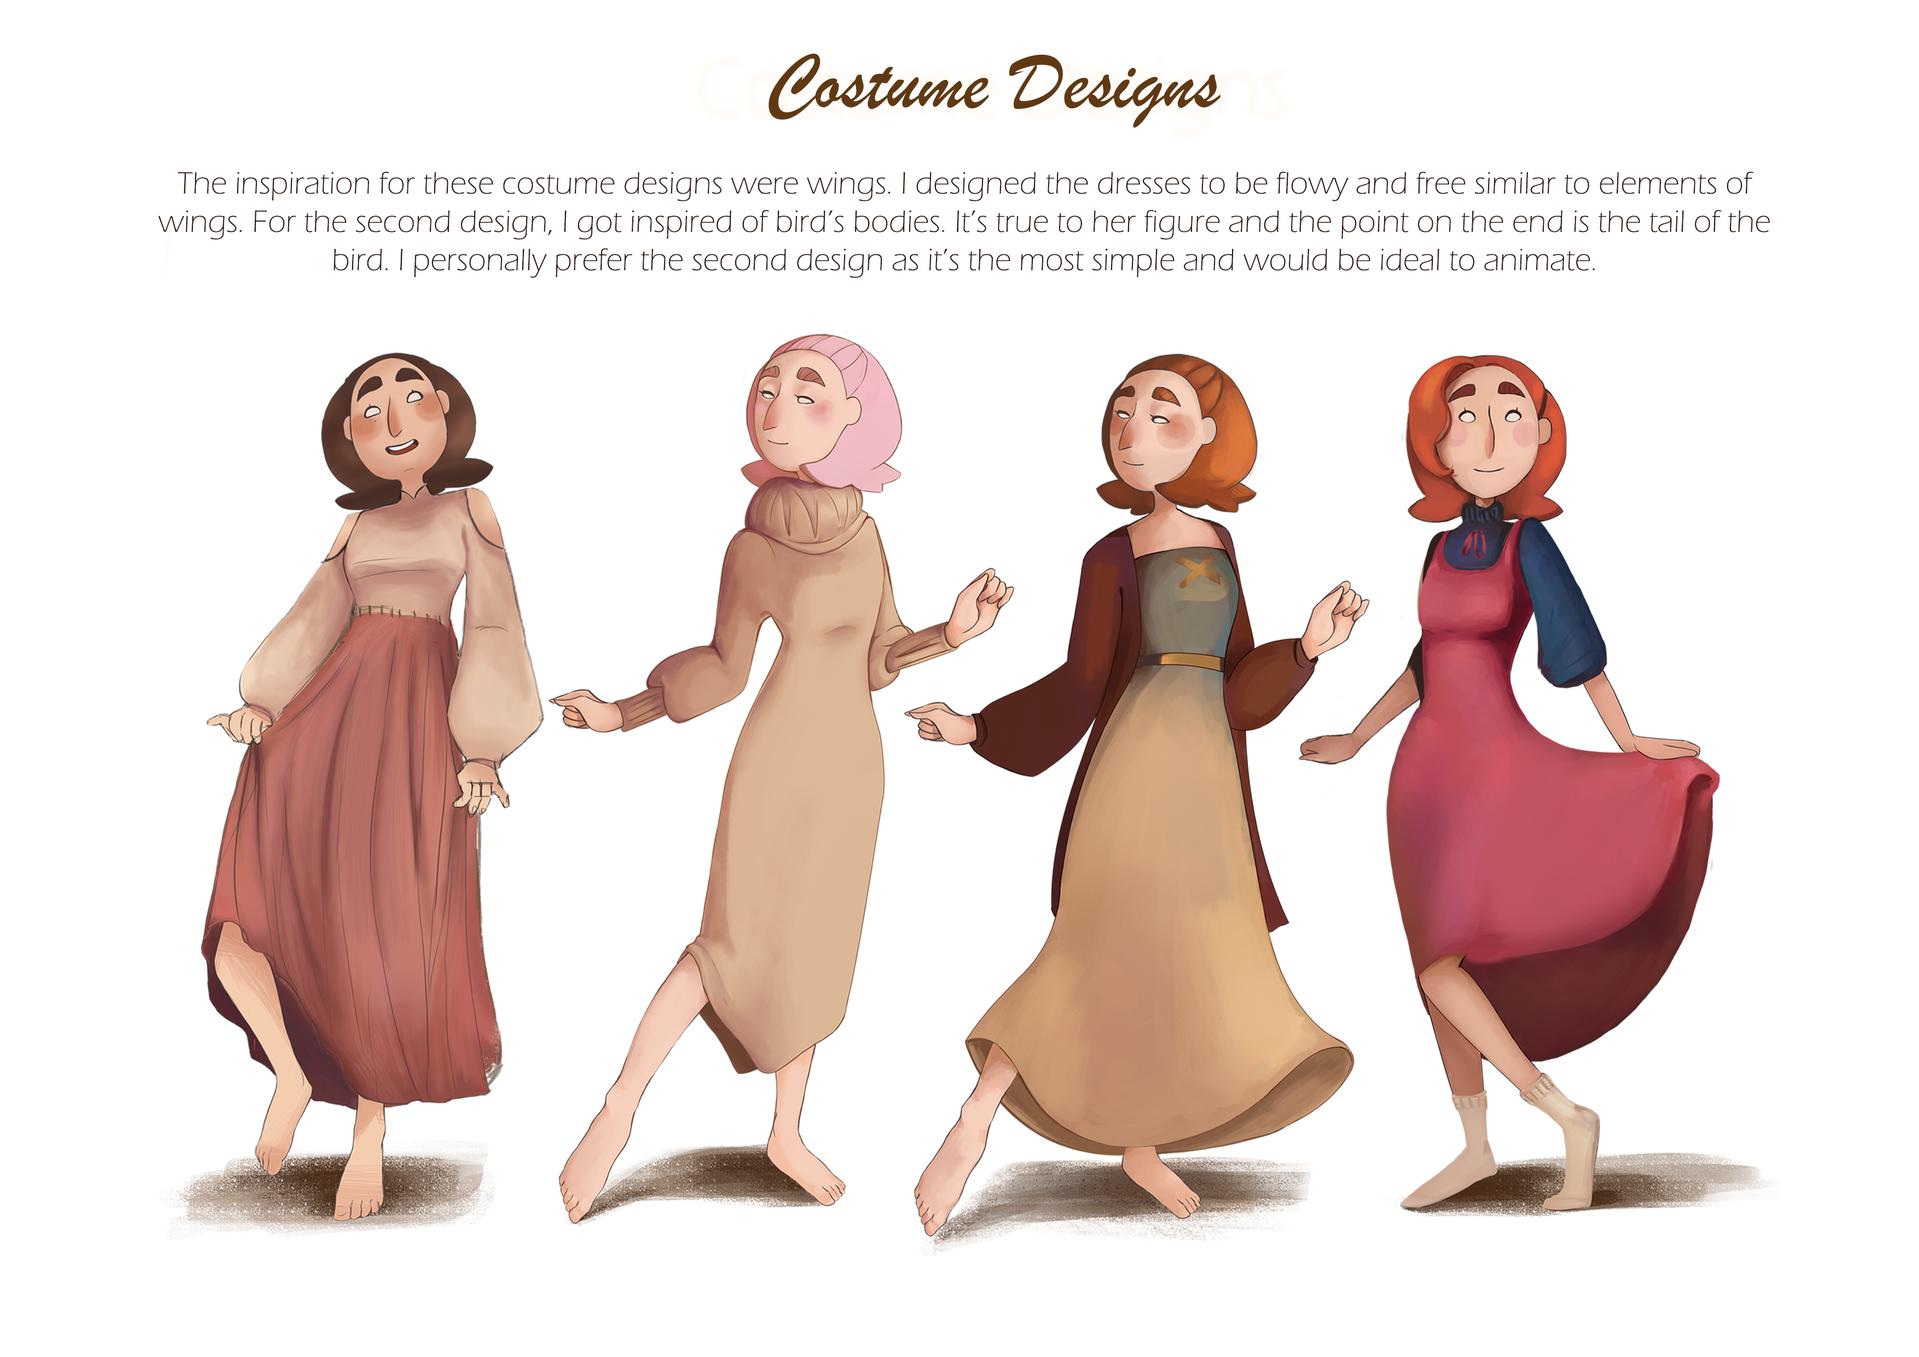 Costume Designs 2